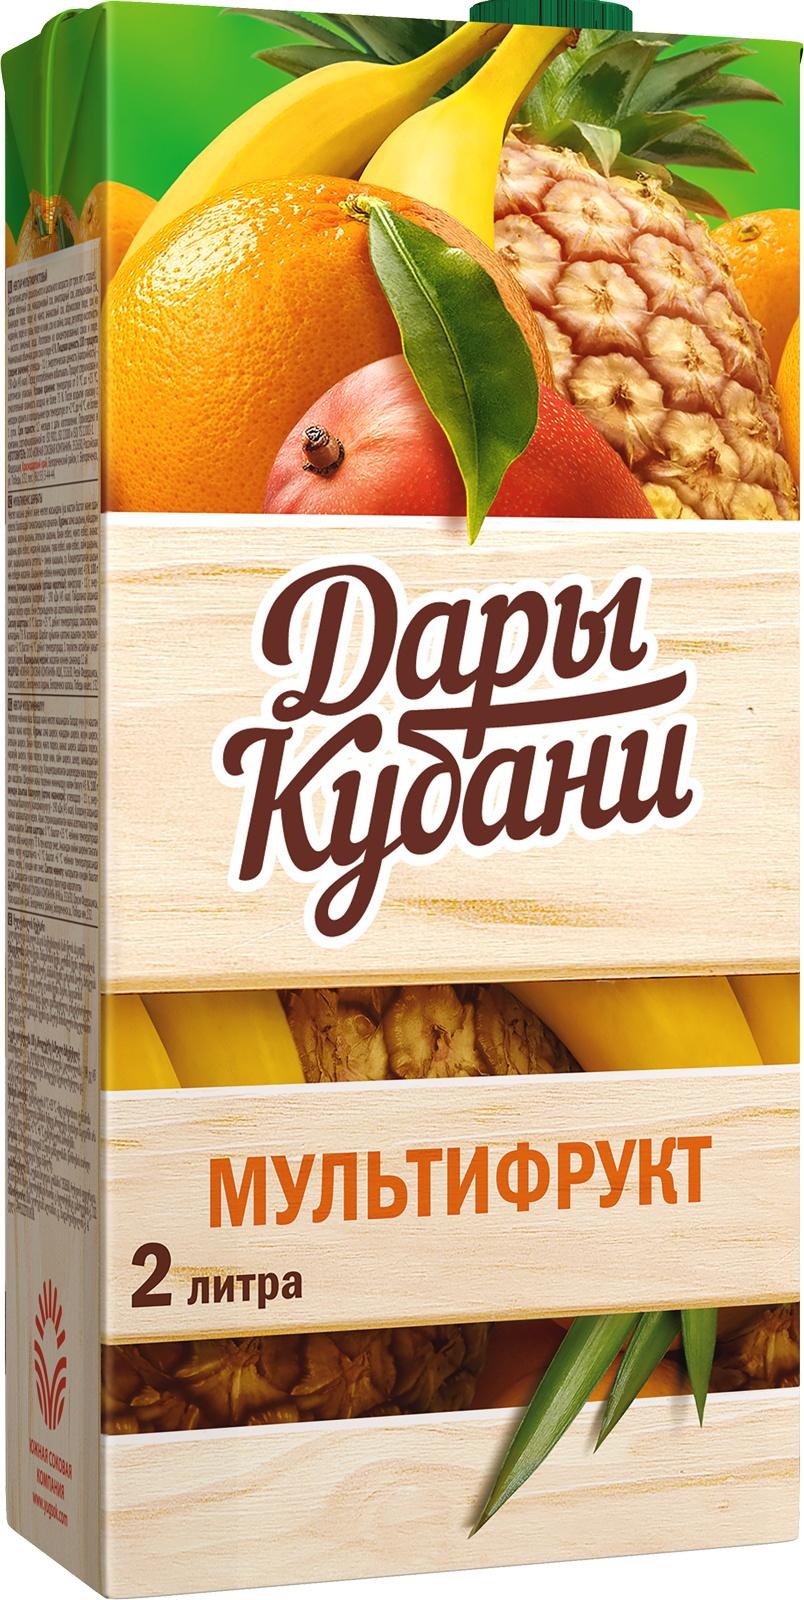 Нектар Дары Кубани мультифруктовый 2 л дары кубани масло подсолнечное рафинированное высший сорт 1 л